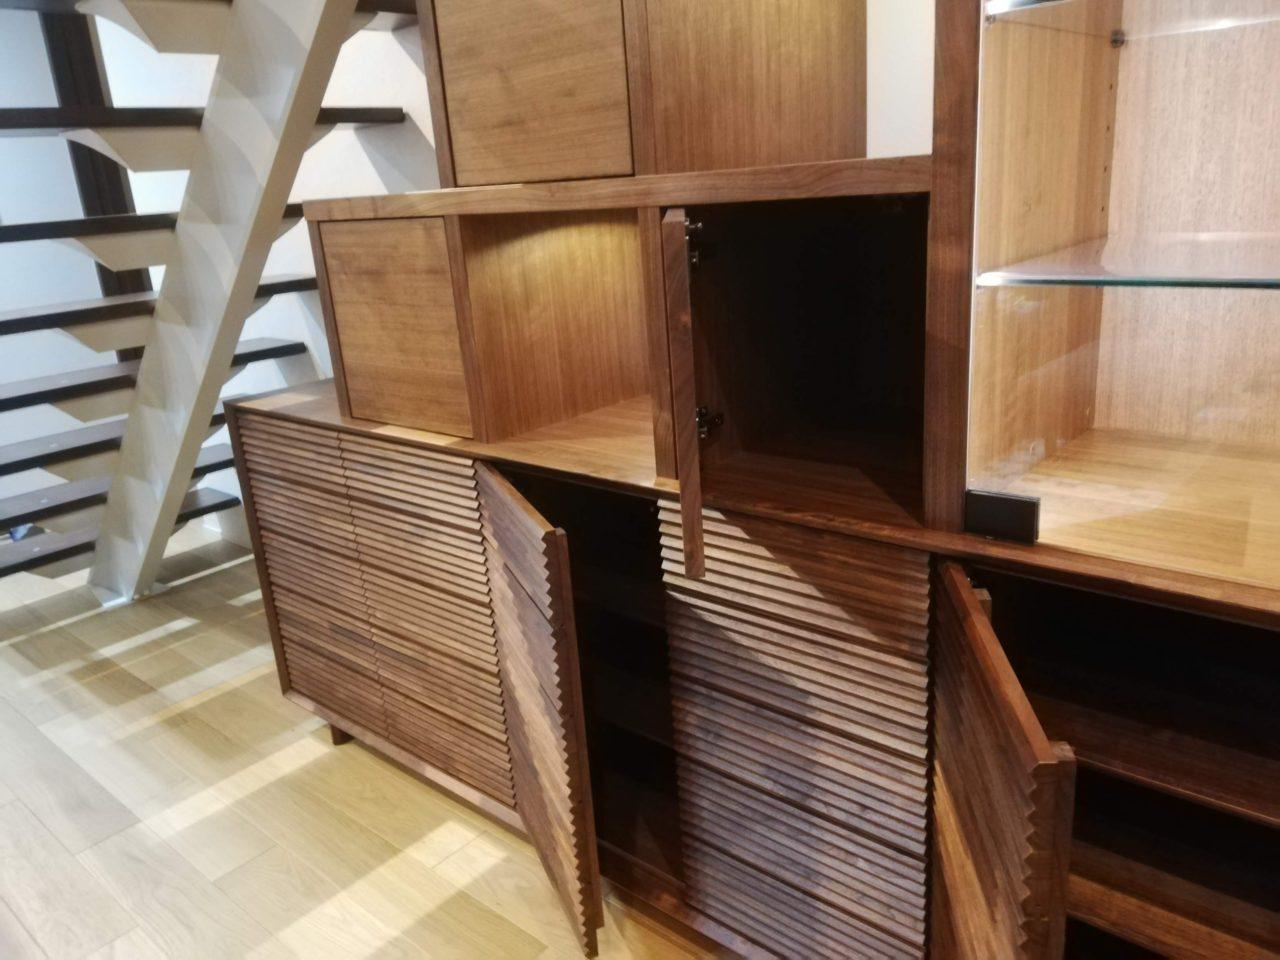 オーダー頂きましたリビングボードです。  右下に見えますカリモク家具さんのデザインに合わせ、且つ収納も重視しながら、 階段の雰囲気(段板の高さを合わせる)を取り入れ、そして重すぎず、リビングに映えたものを打ち合わせしながらご提案させて頂きました。  地震対策も特注の金物を製作しながら行っています。